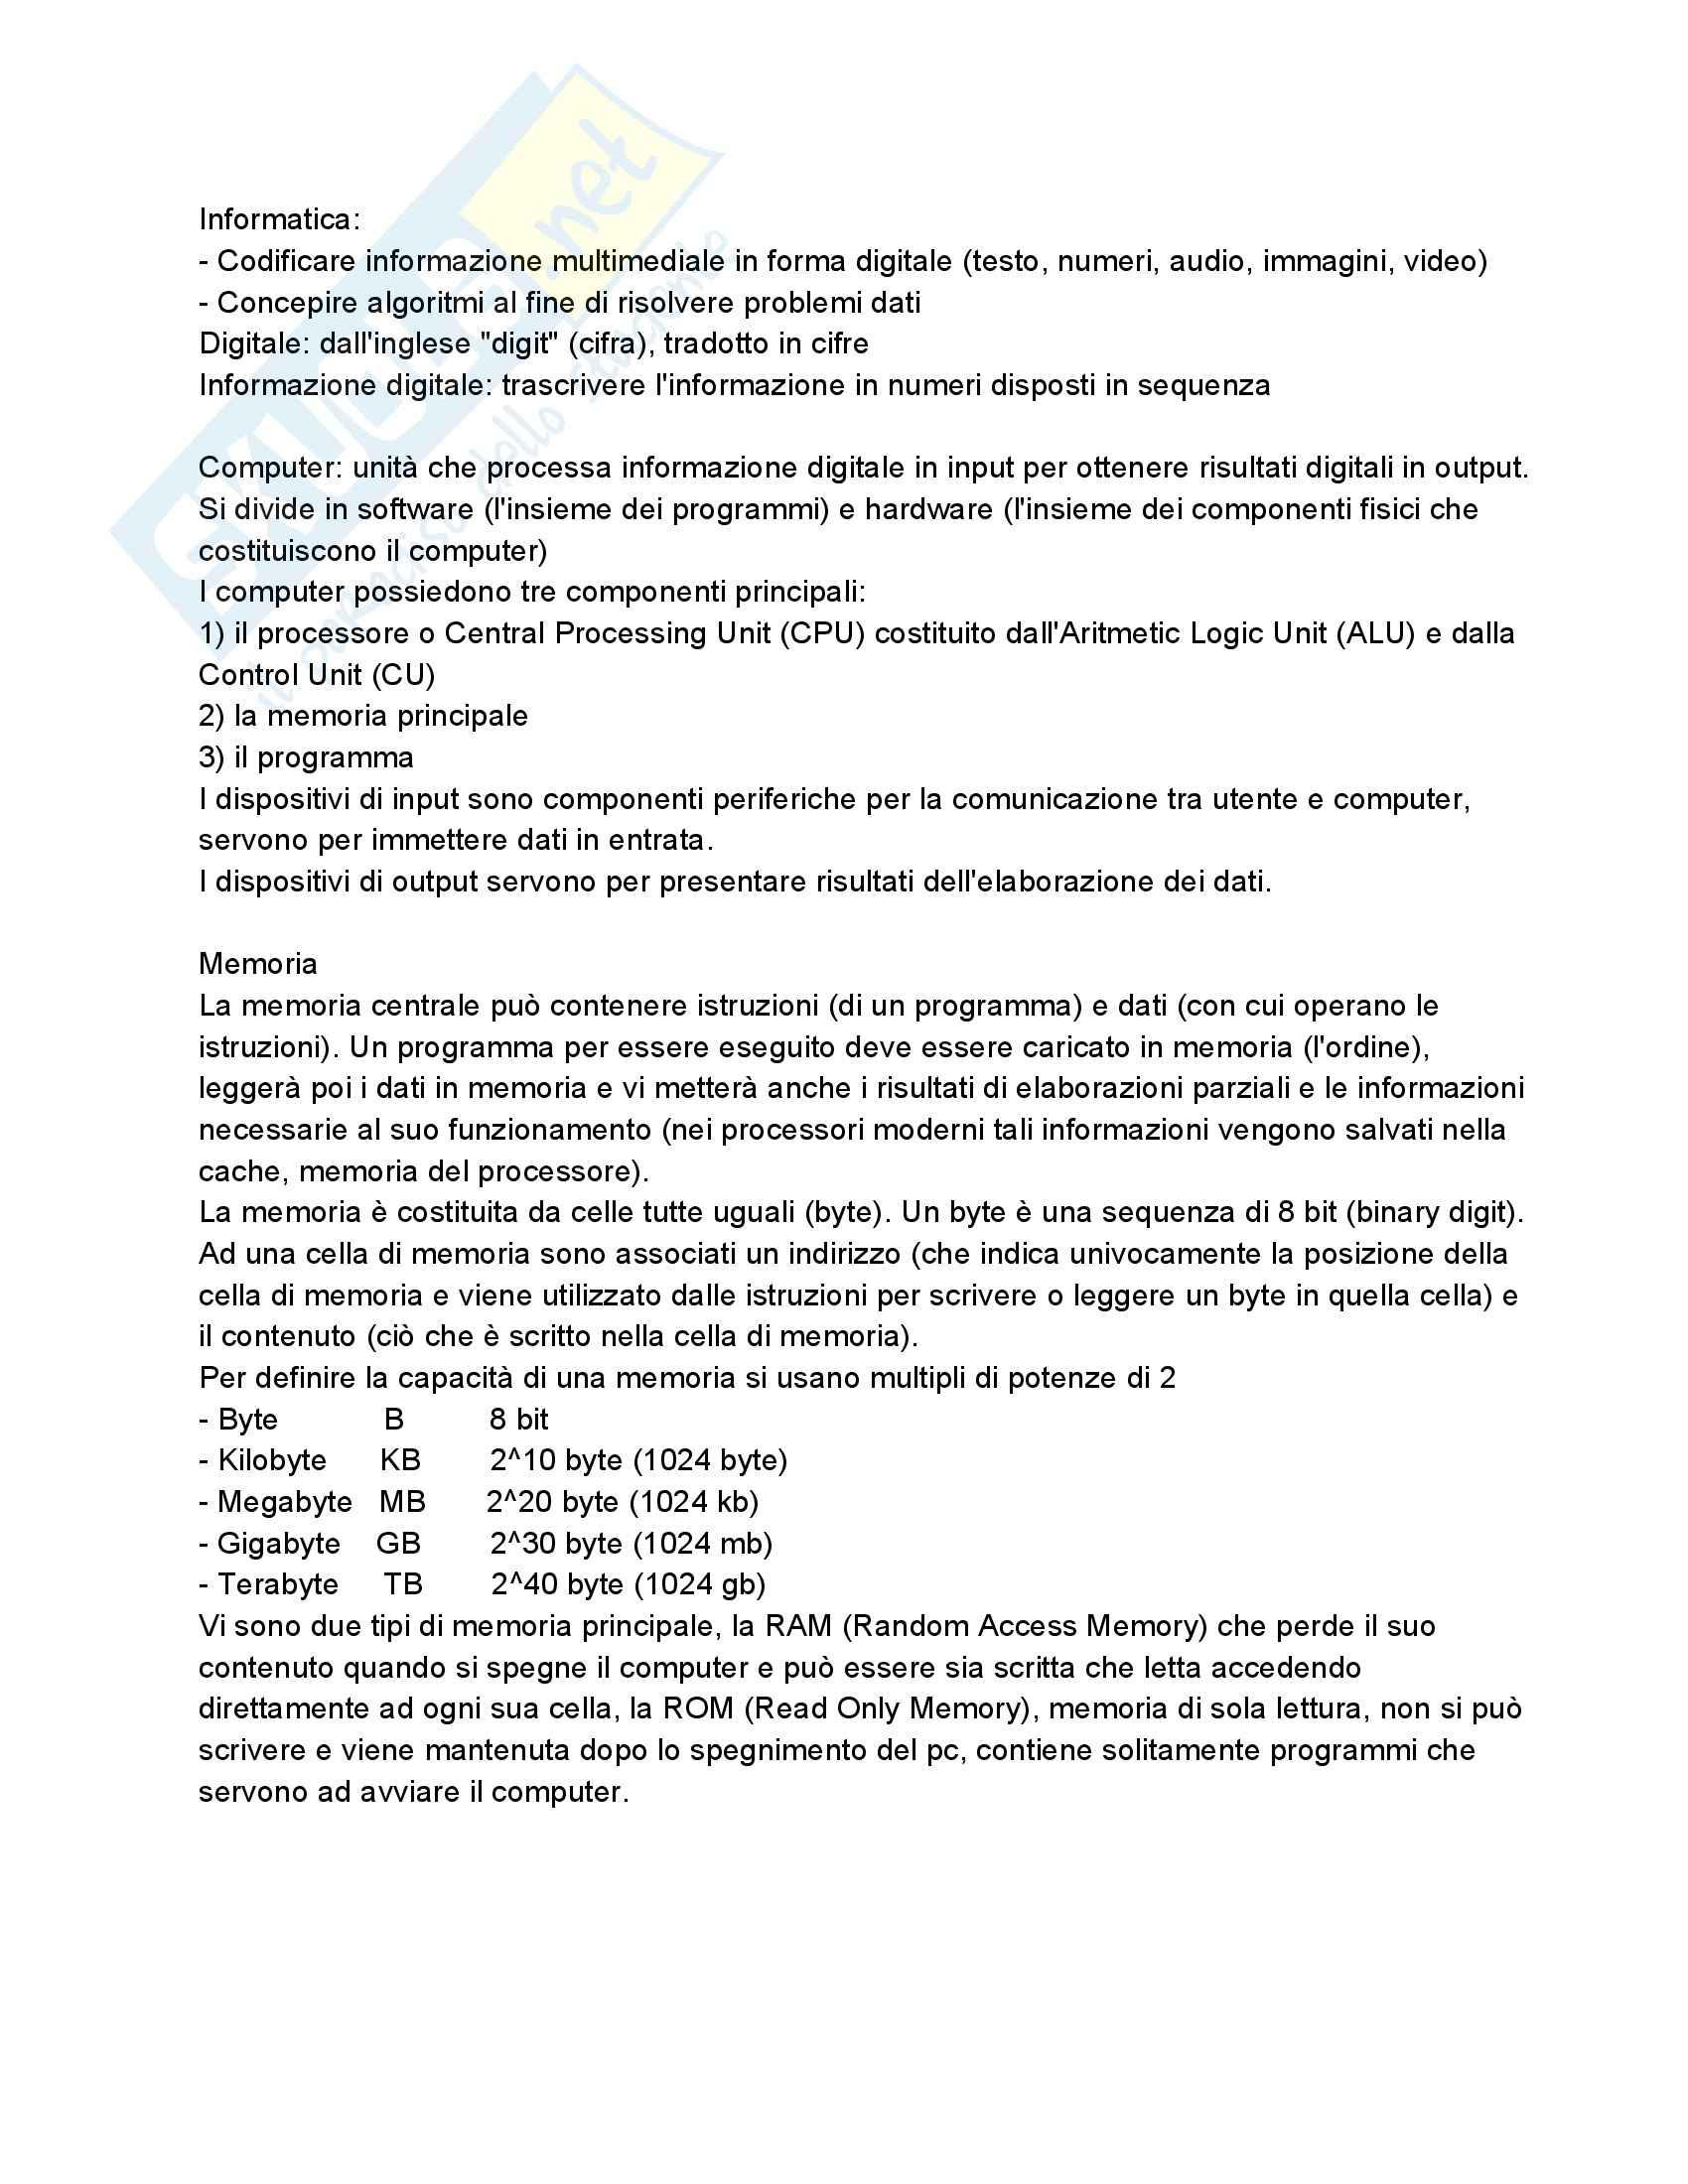 Riassunto esame Fondamenti di Informatica, prof. Dragoni, libro consigliato Fondamenti di Programmazione in C++ di Aguilar